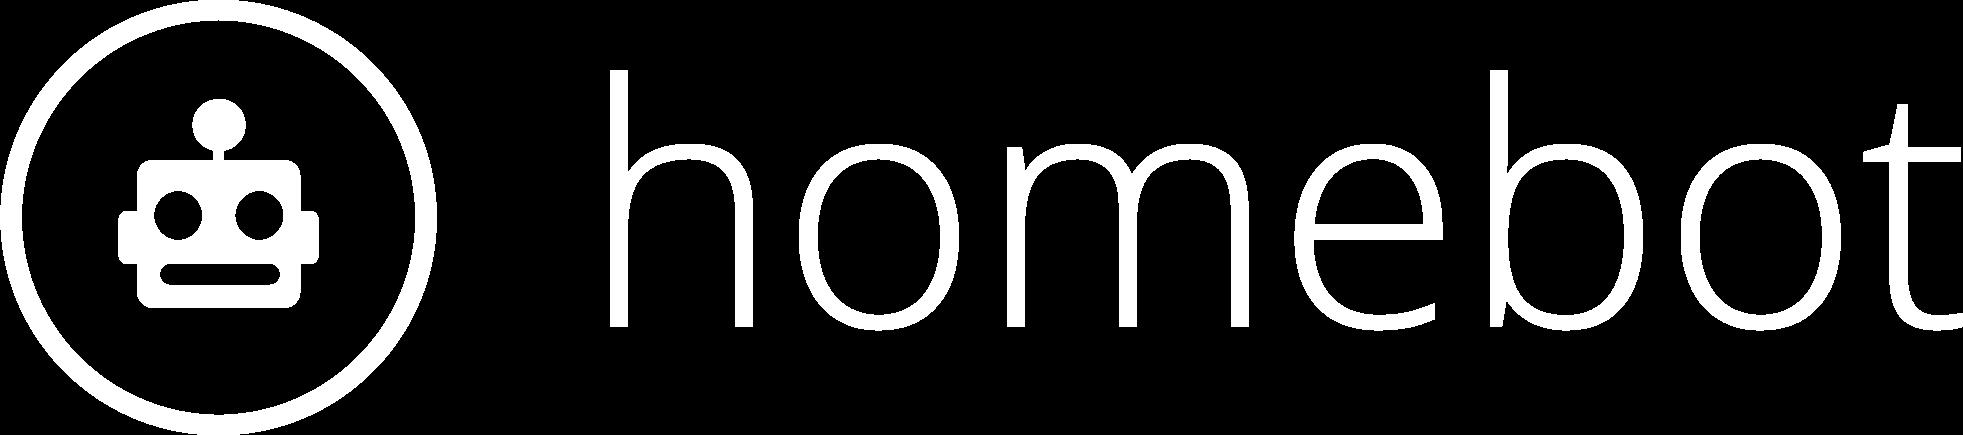 homebot-logo-all-white